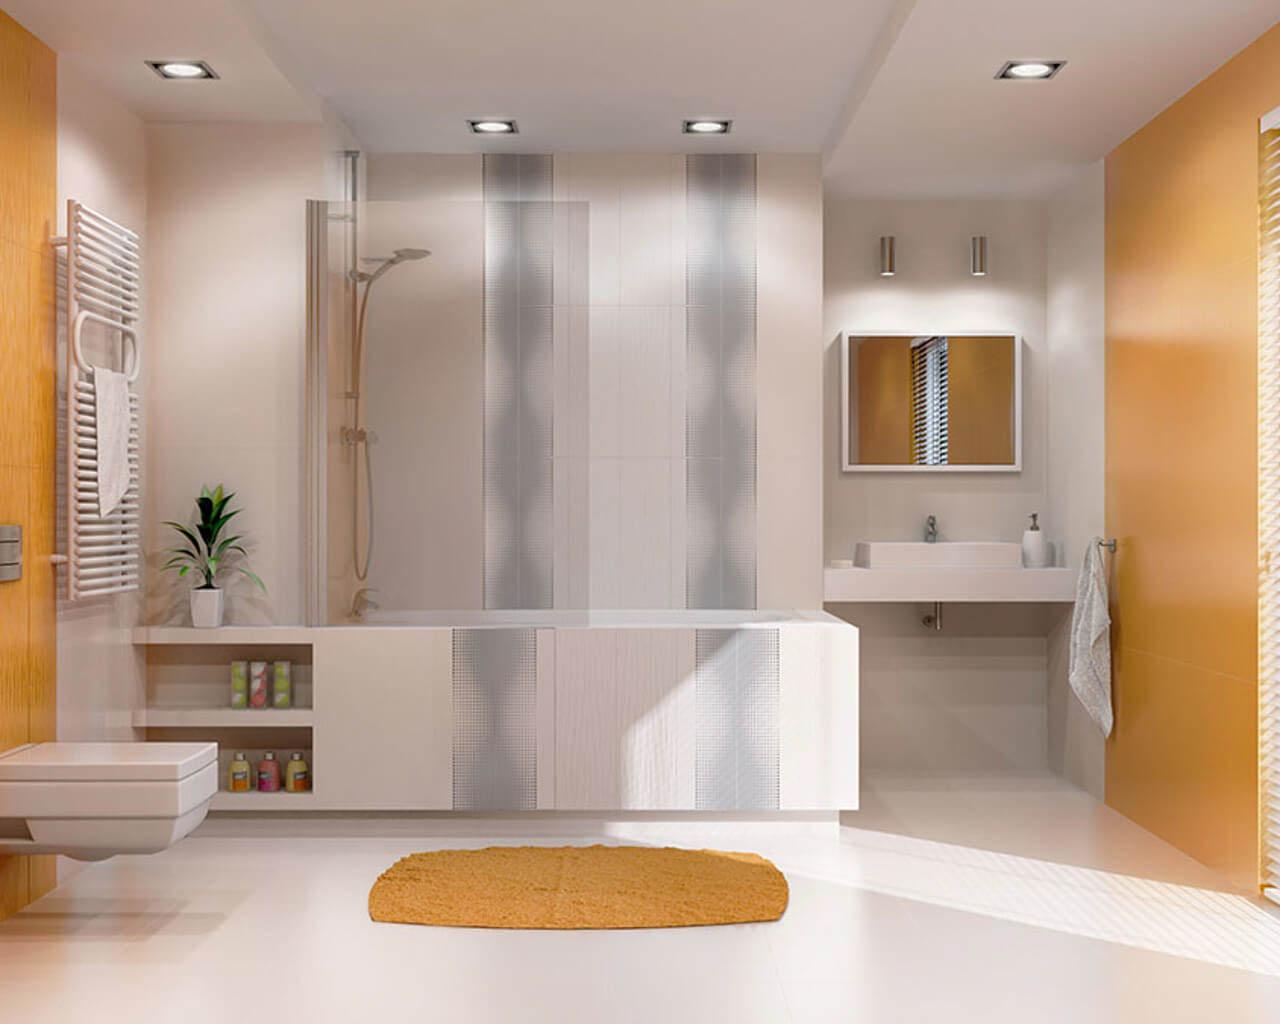 Słoneczne barwy w nowoczesnej łazience z wanną